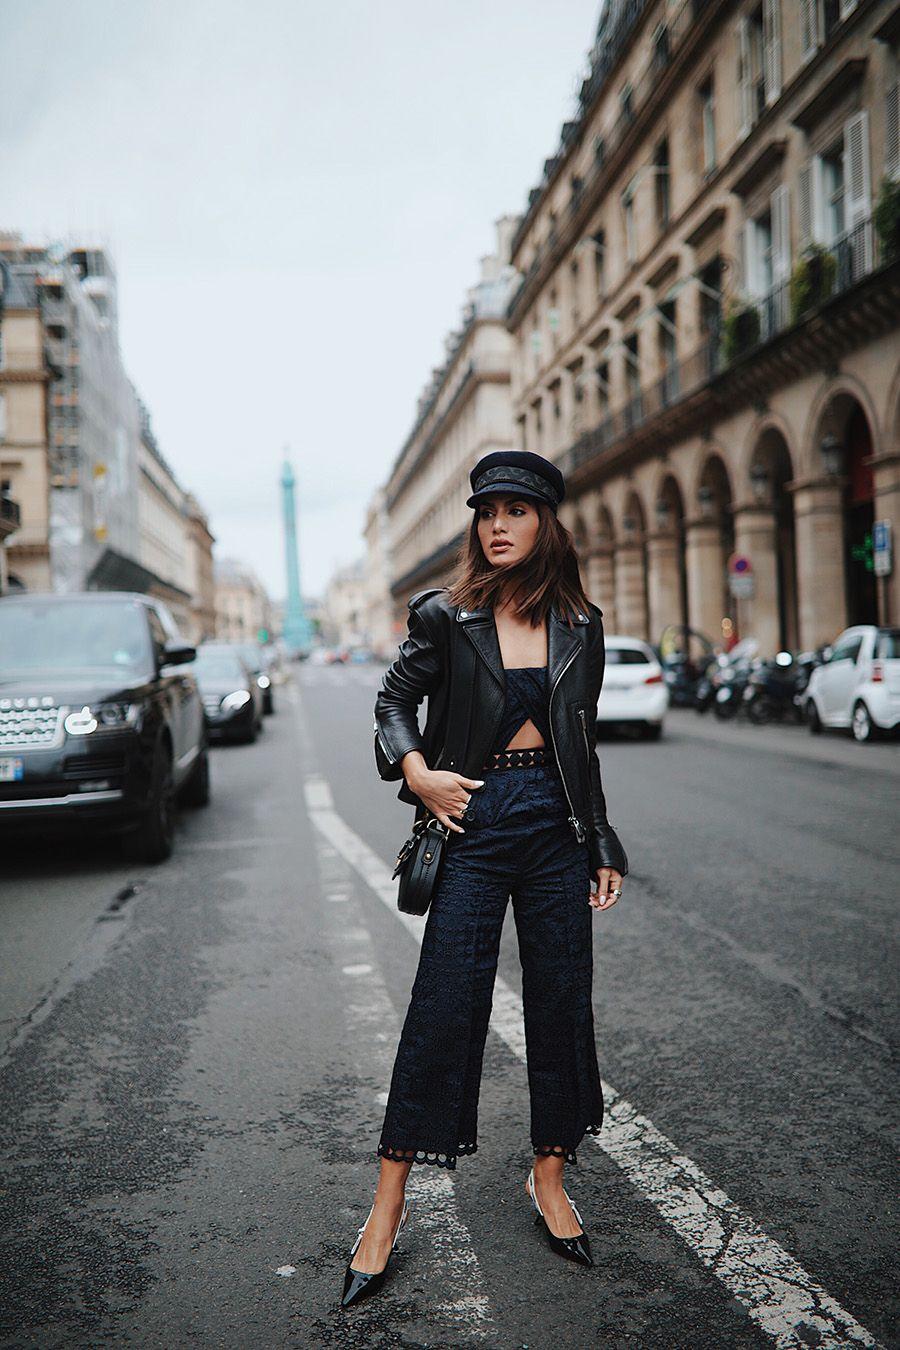 Look- Boina e macacão em Paris camila coelho 7cadf8feaf1